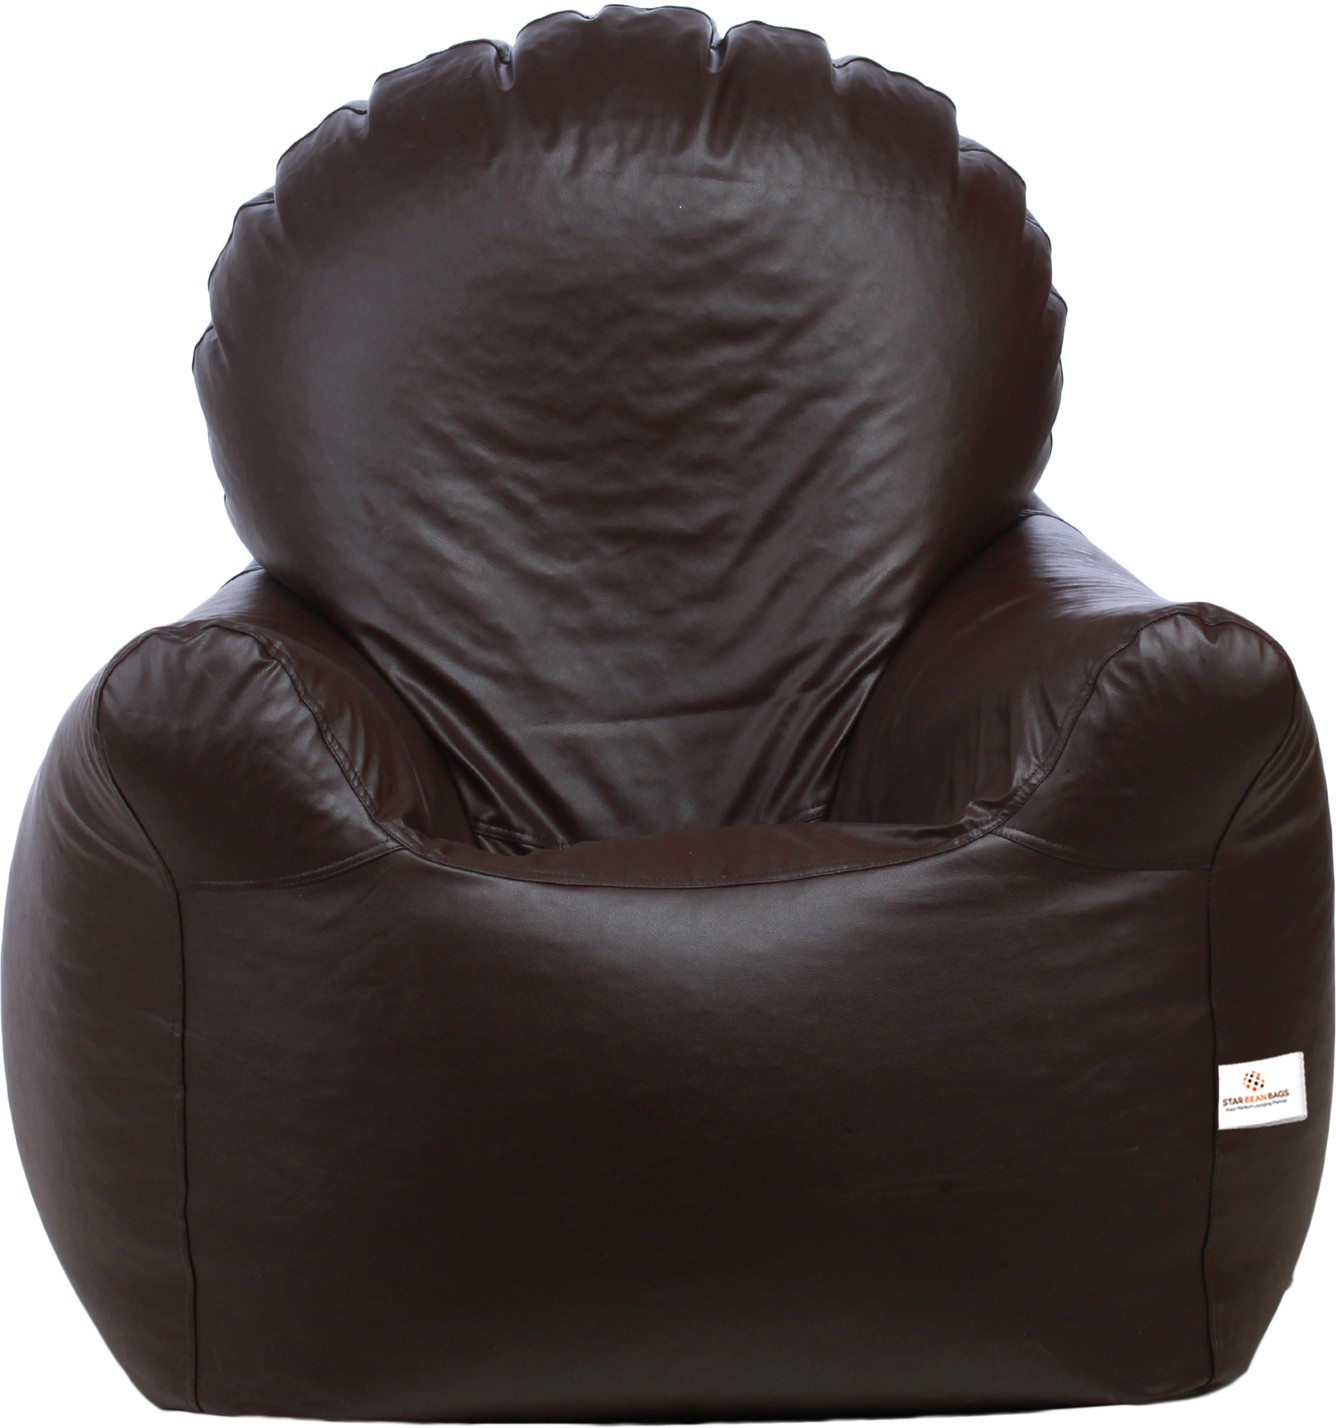 View Star XXXL Bean Bag Chair  With Bean Filling(Brown) Furniture (Star)